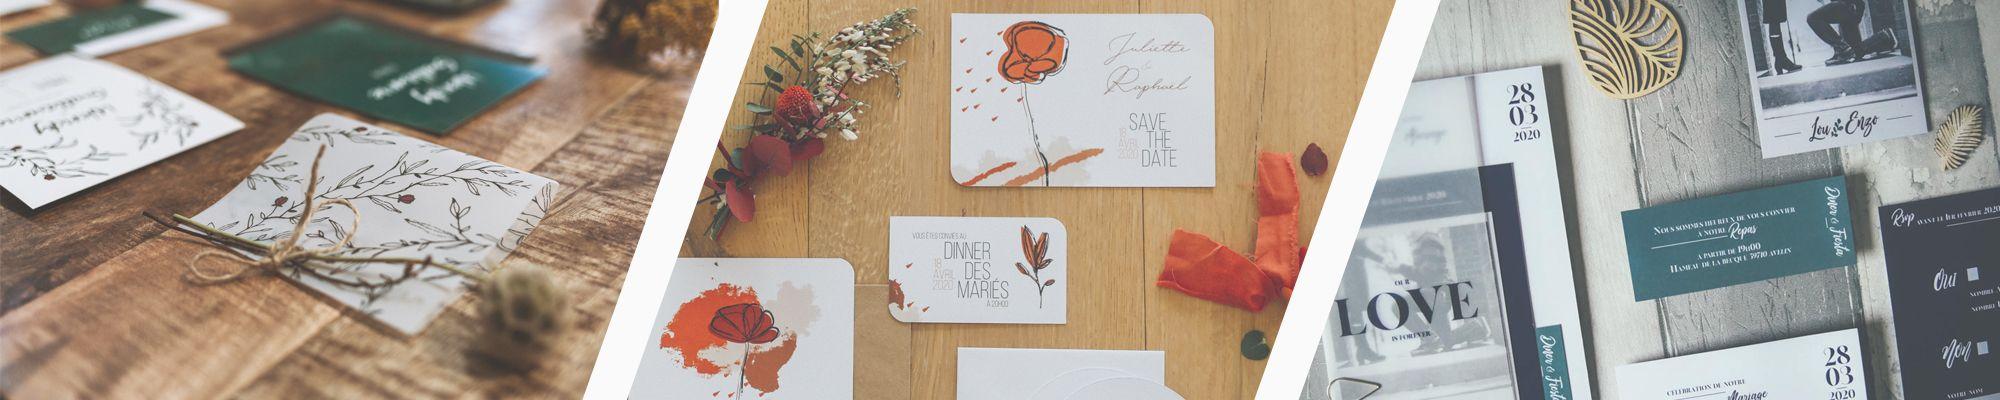 La fille au Noeud Rouge - faire-part mariage personnalisé végétal - terracotta - vellum